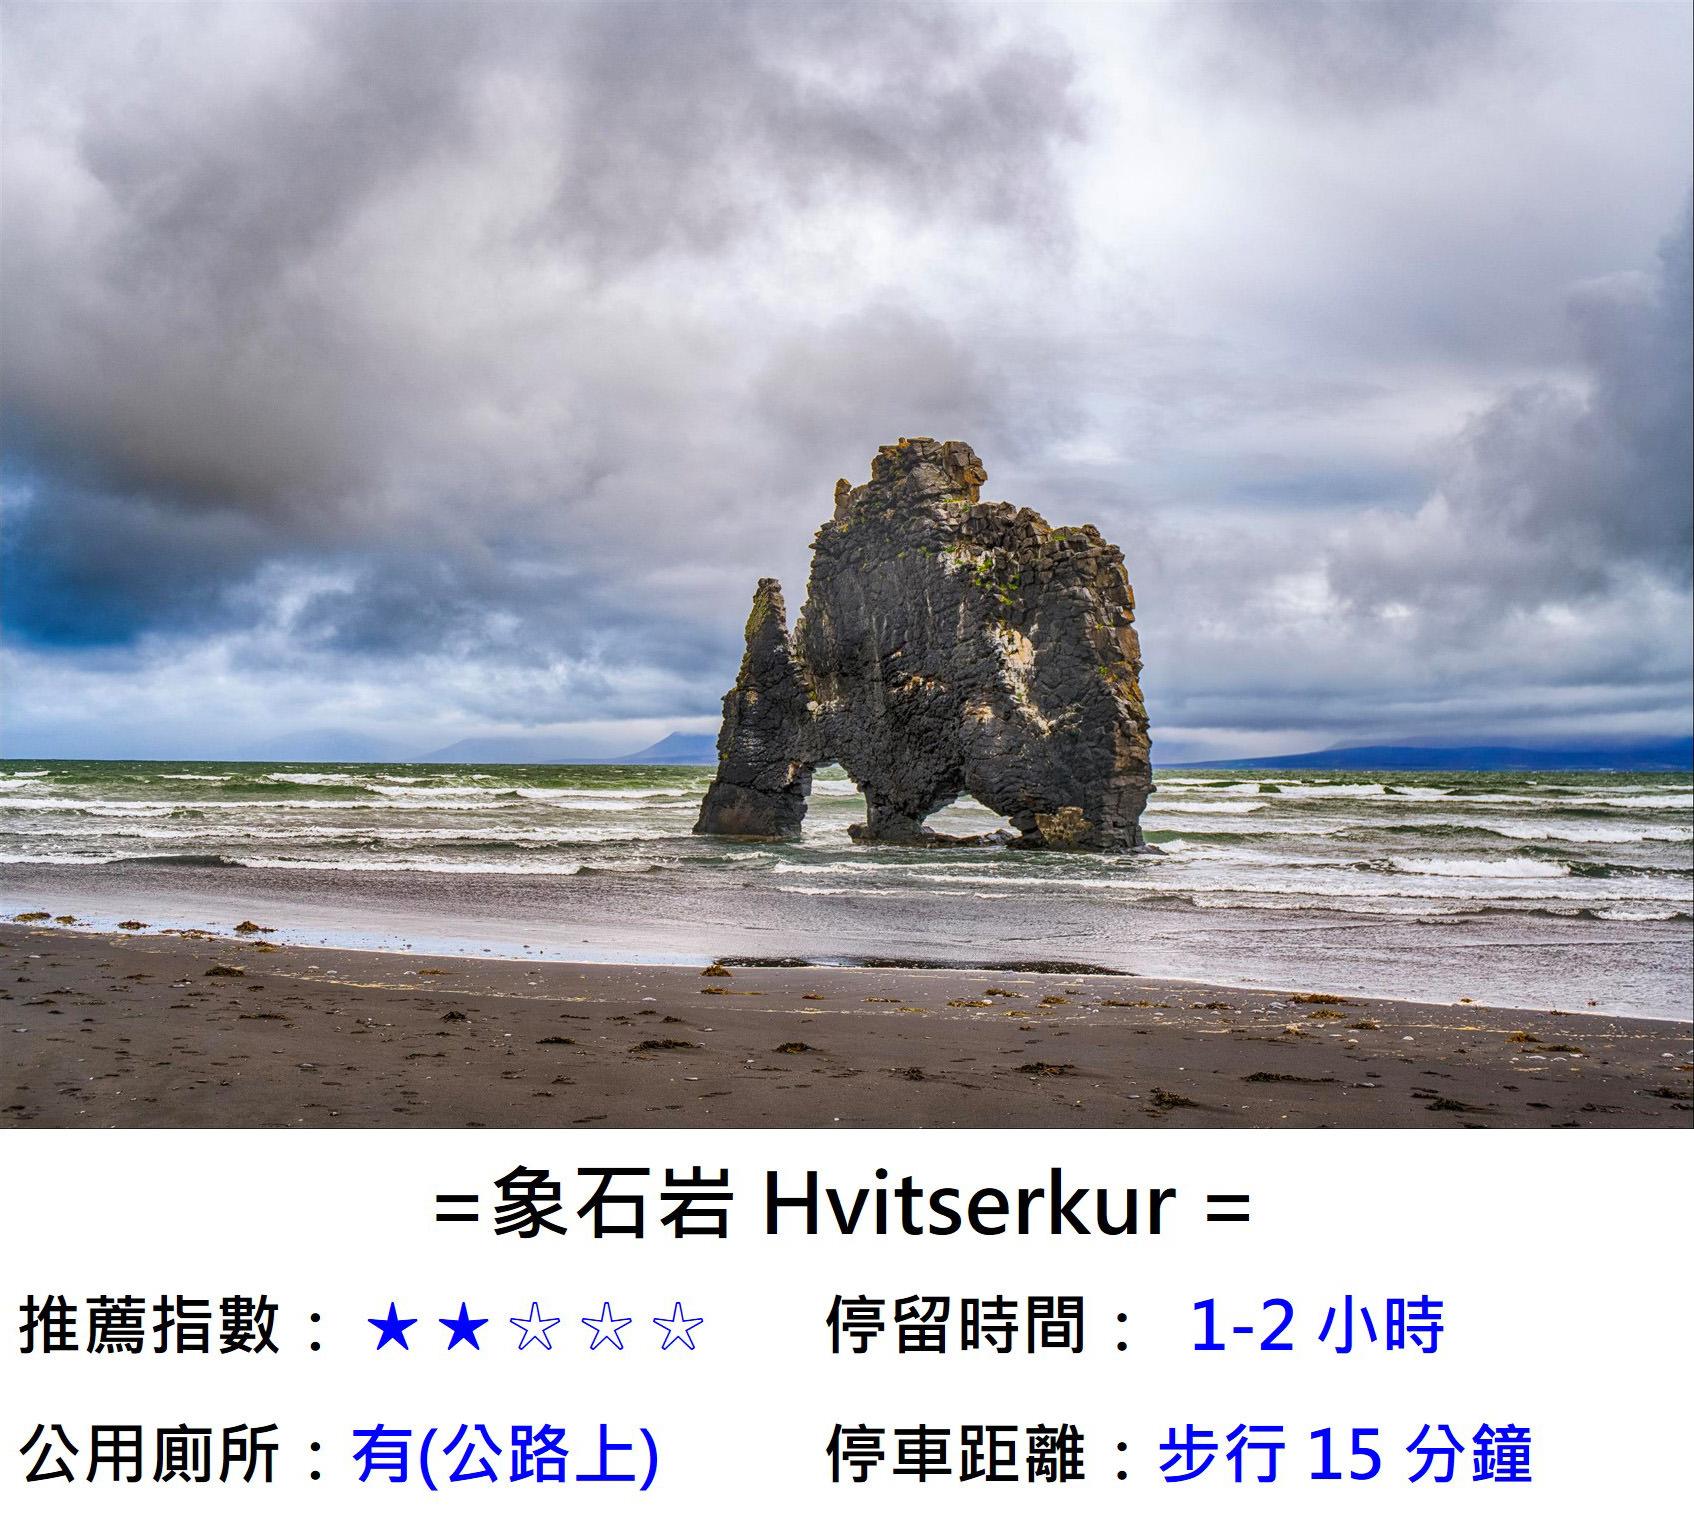 冰島必去著名景點